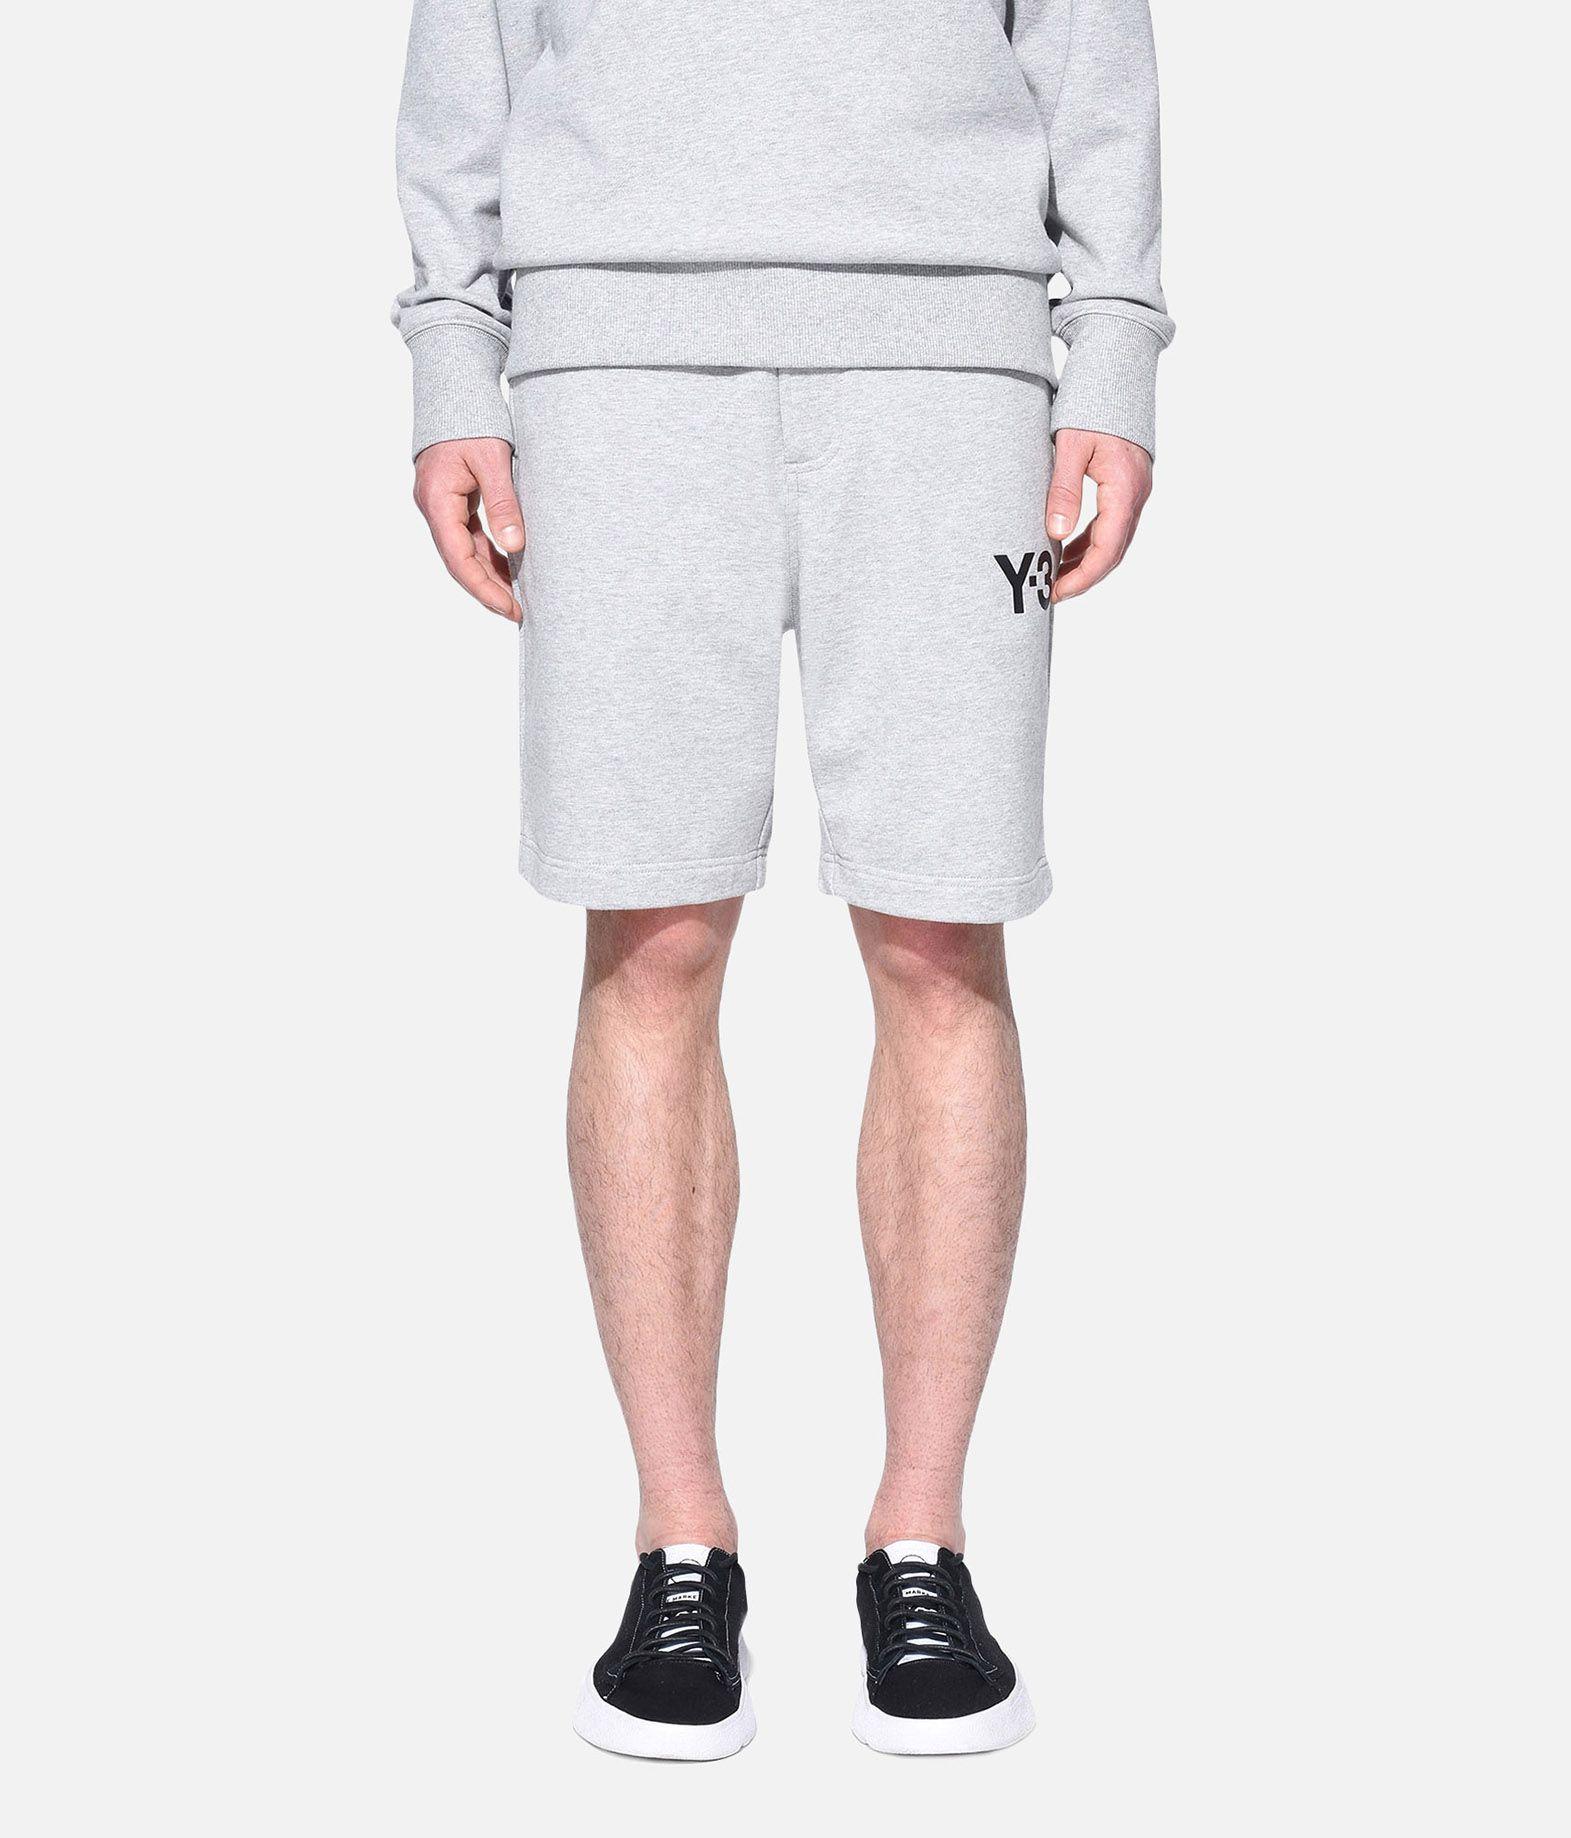 Y-3 Y-3 Classic Shorts Shorts Man r